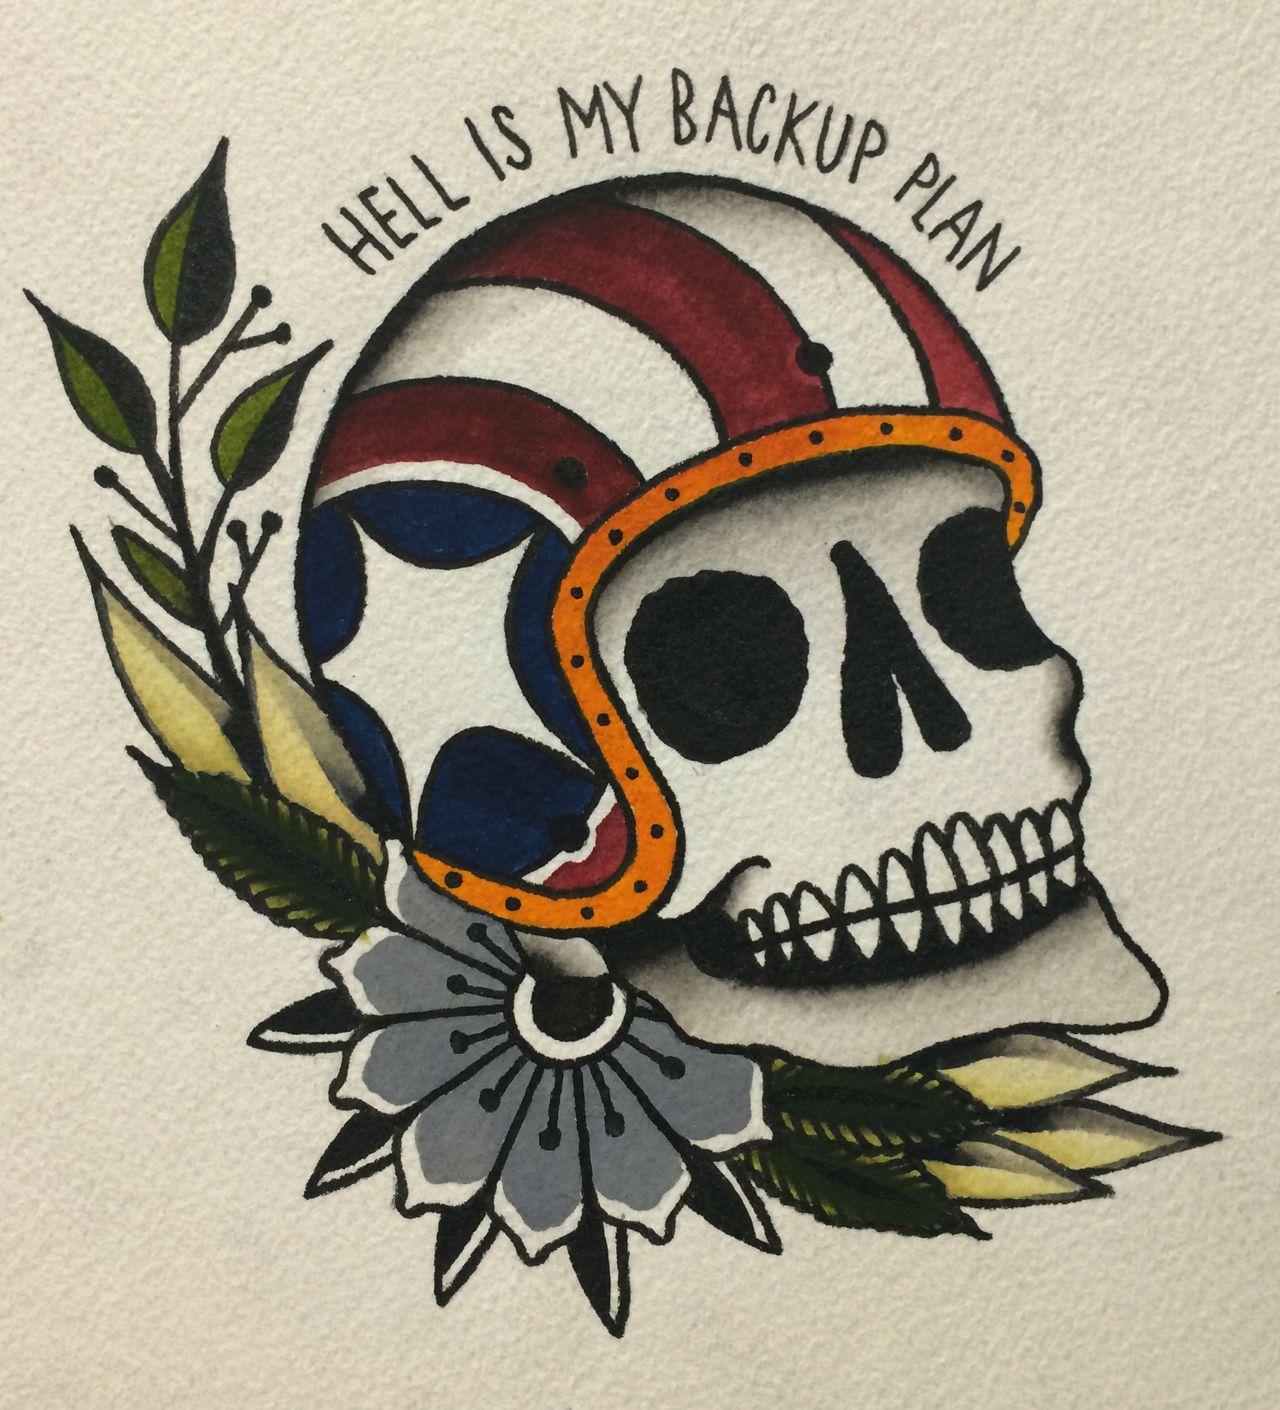 Traditional Flash Skull Tattoos: Pinterest